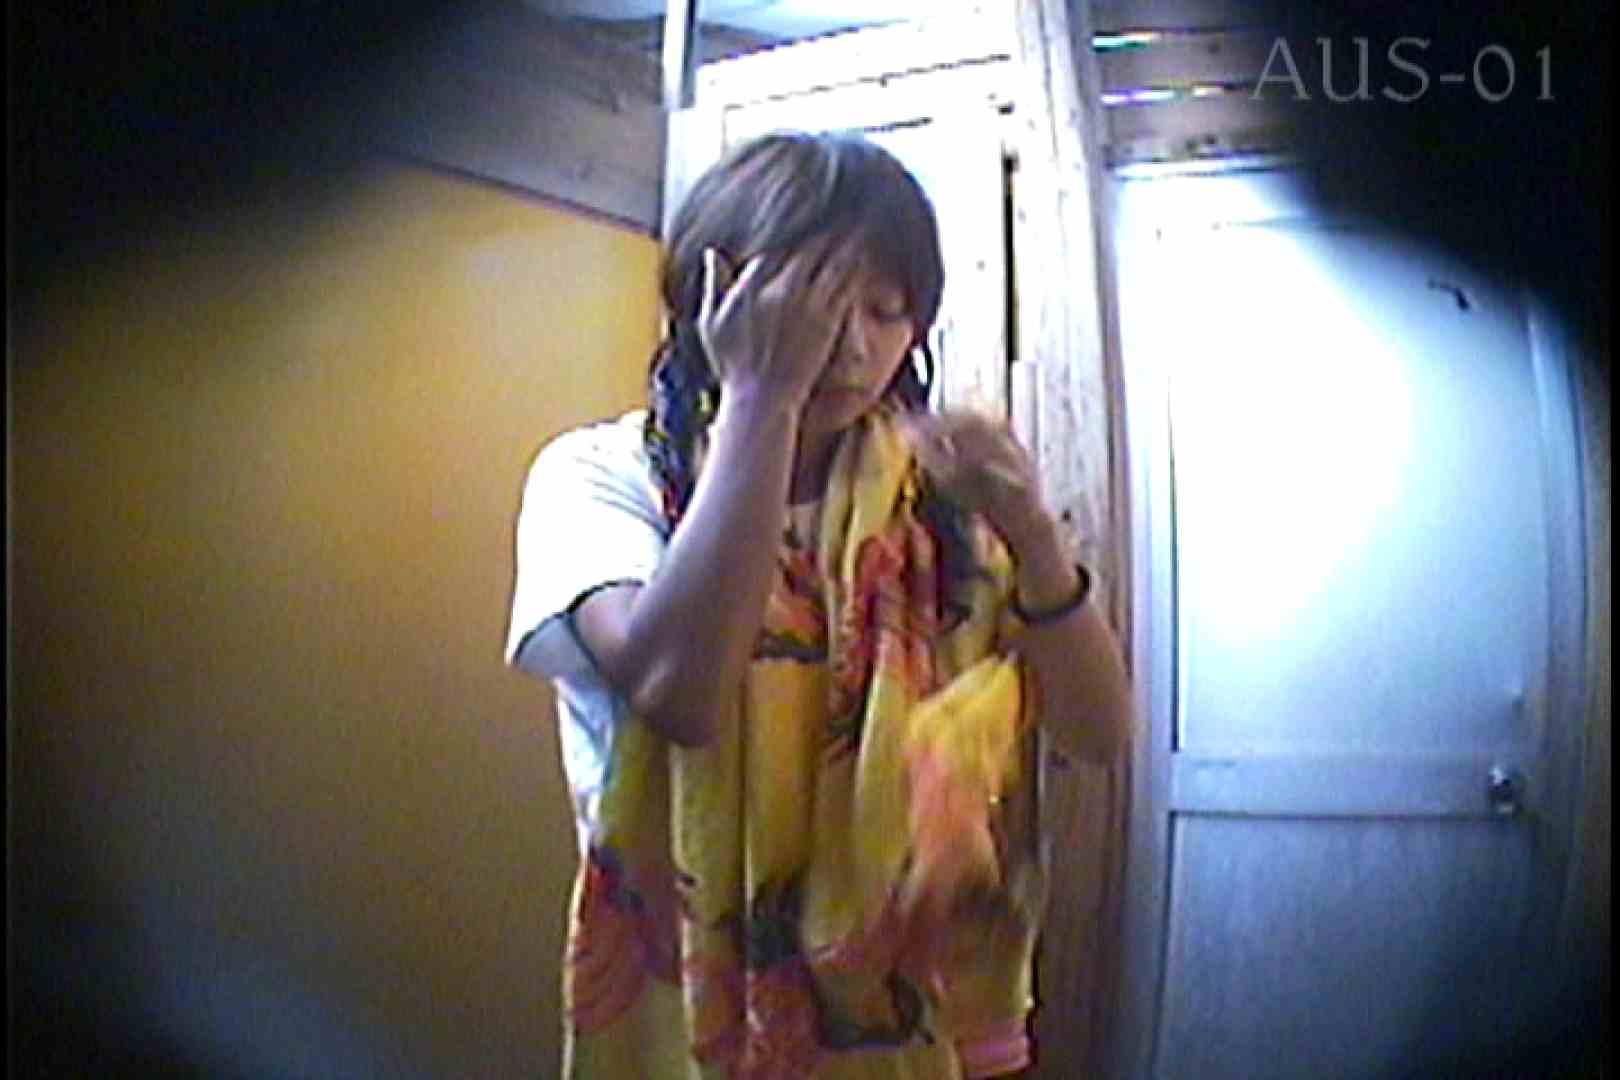 海の家の更衣室 Vol.01 Hな美女 戯れ無修正画像 88pic 8